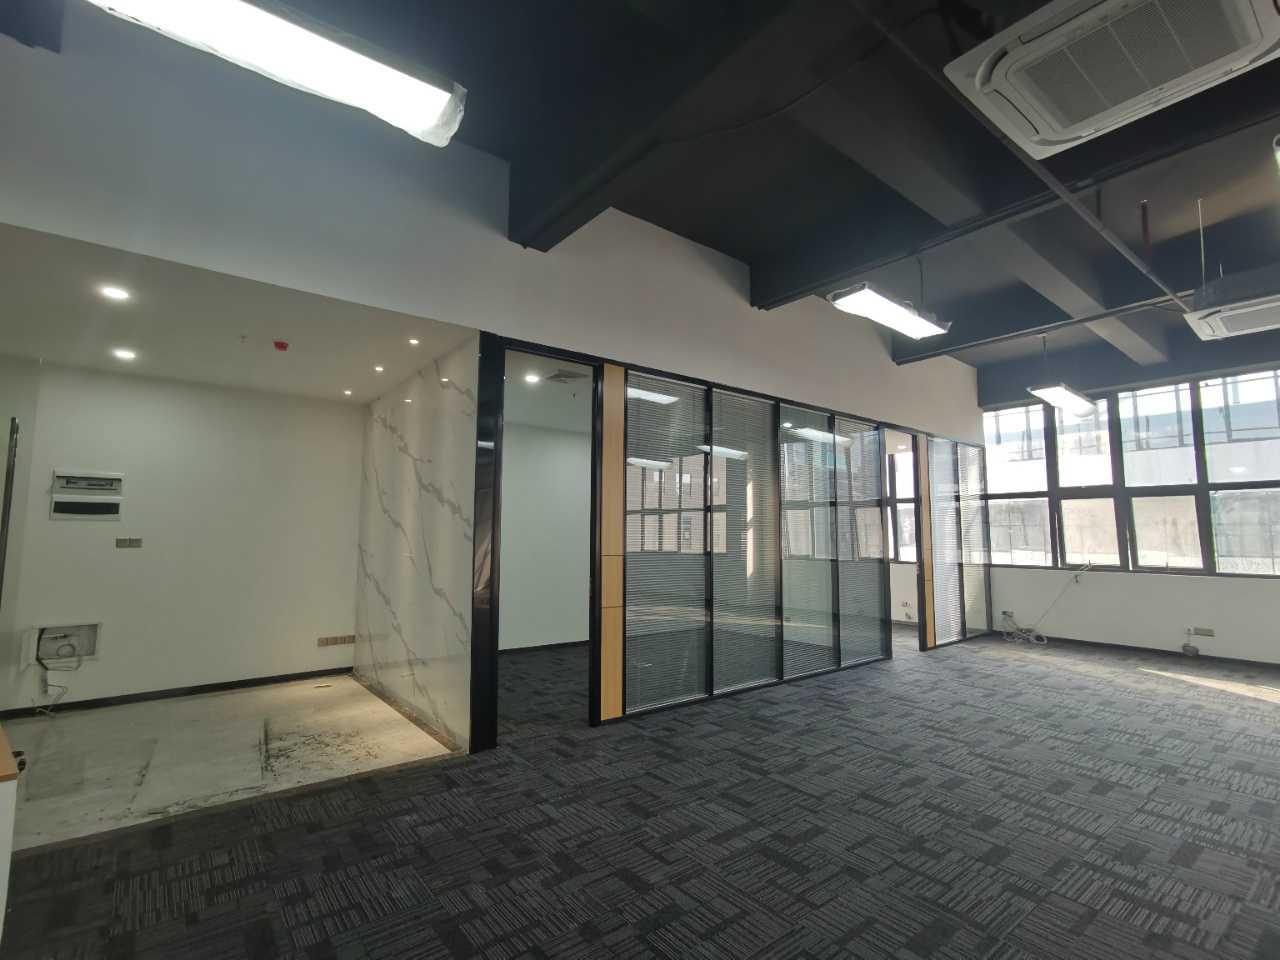 宝安 纽尚智谷A1栋 570平 大户型精装写字楼出租